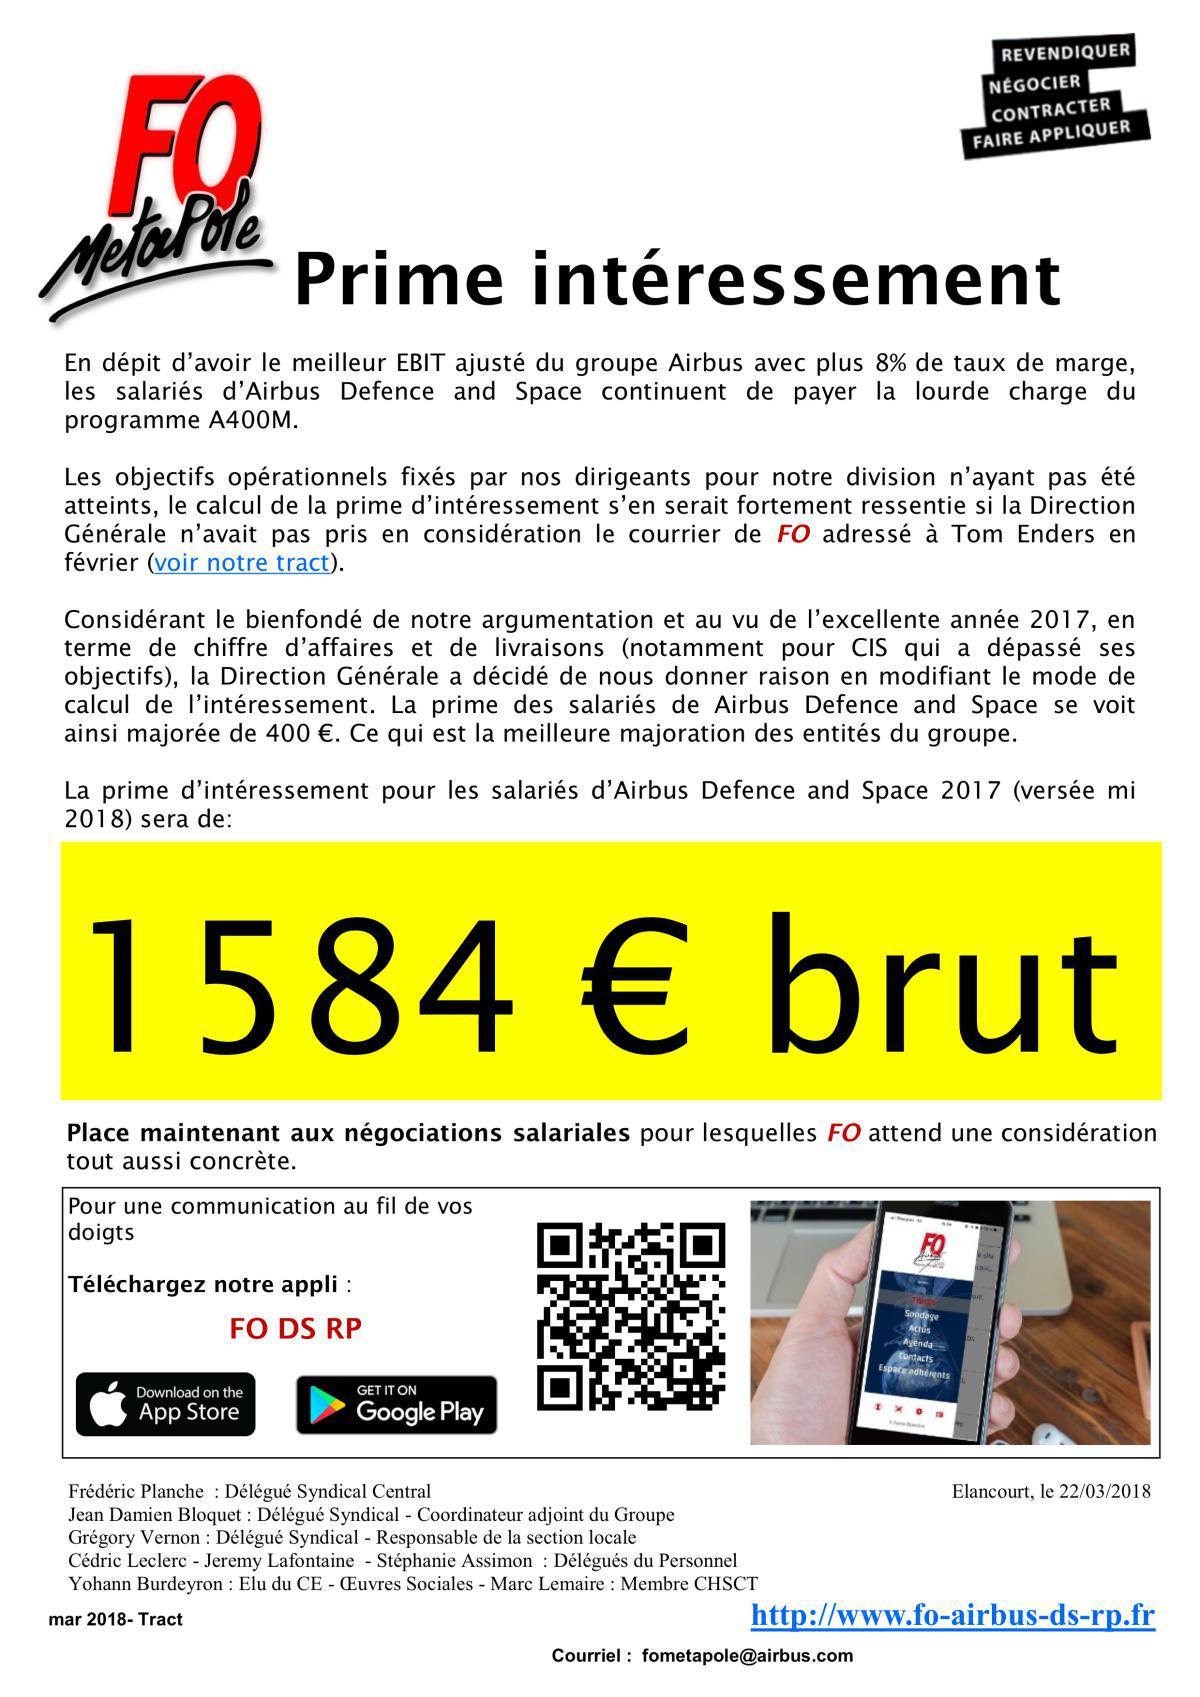 Prime d'intéressement FO vous obtient +417€